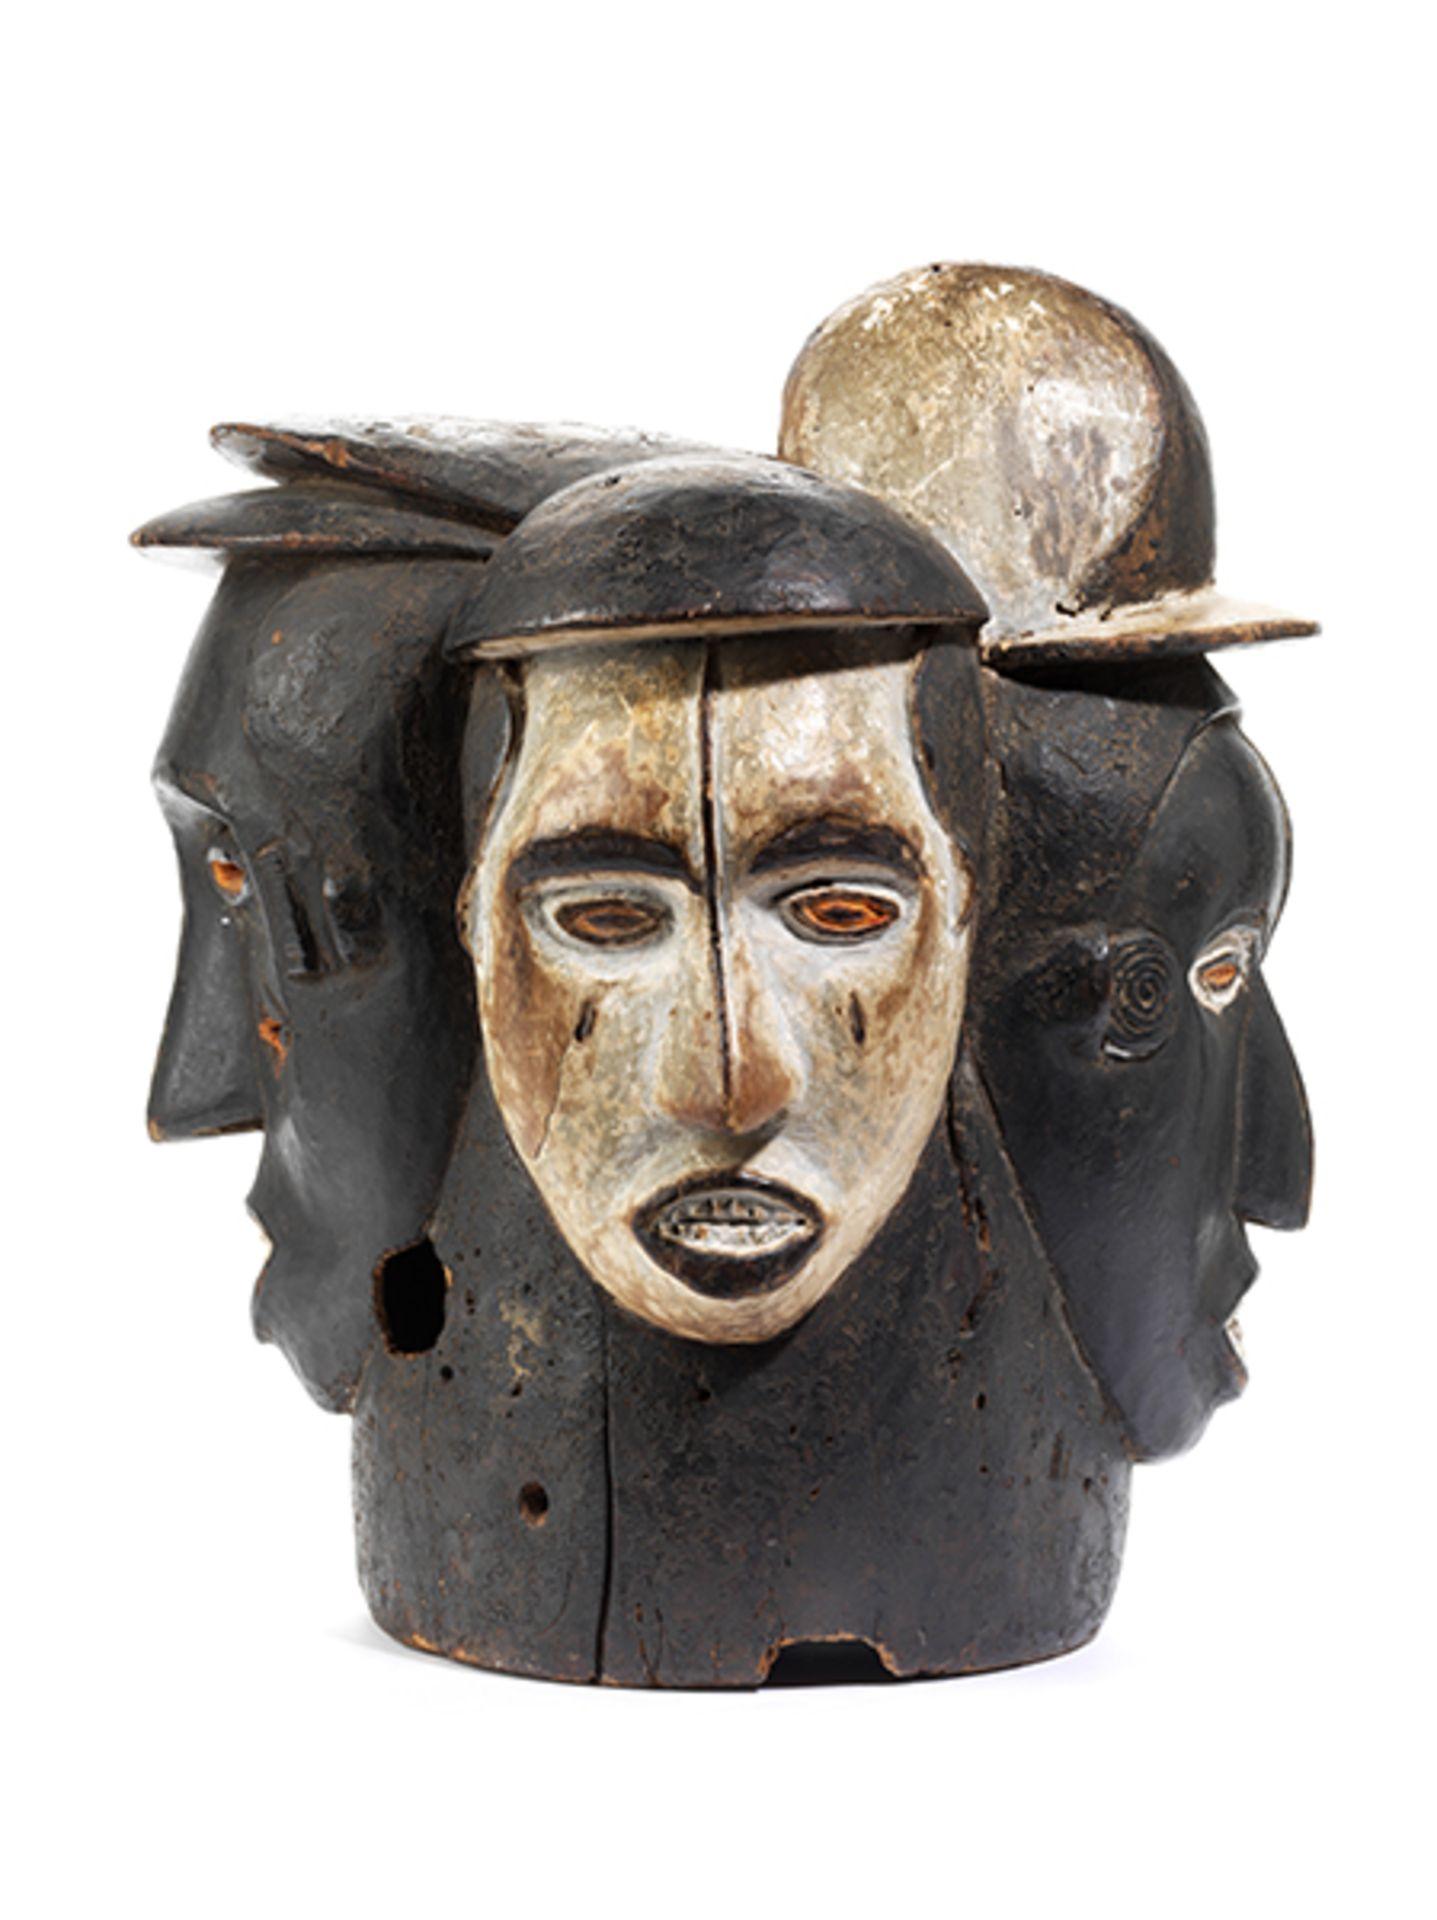 Los 892 - Idoma-Helmmaske Höhe: 41 cm. Idoma, Nigeria, 20. Jahrhundert. Holz, geschnitzt mit schwarzer,...